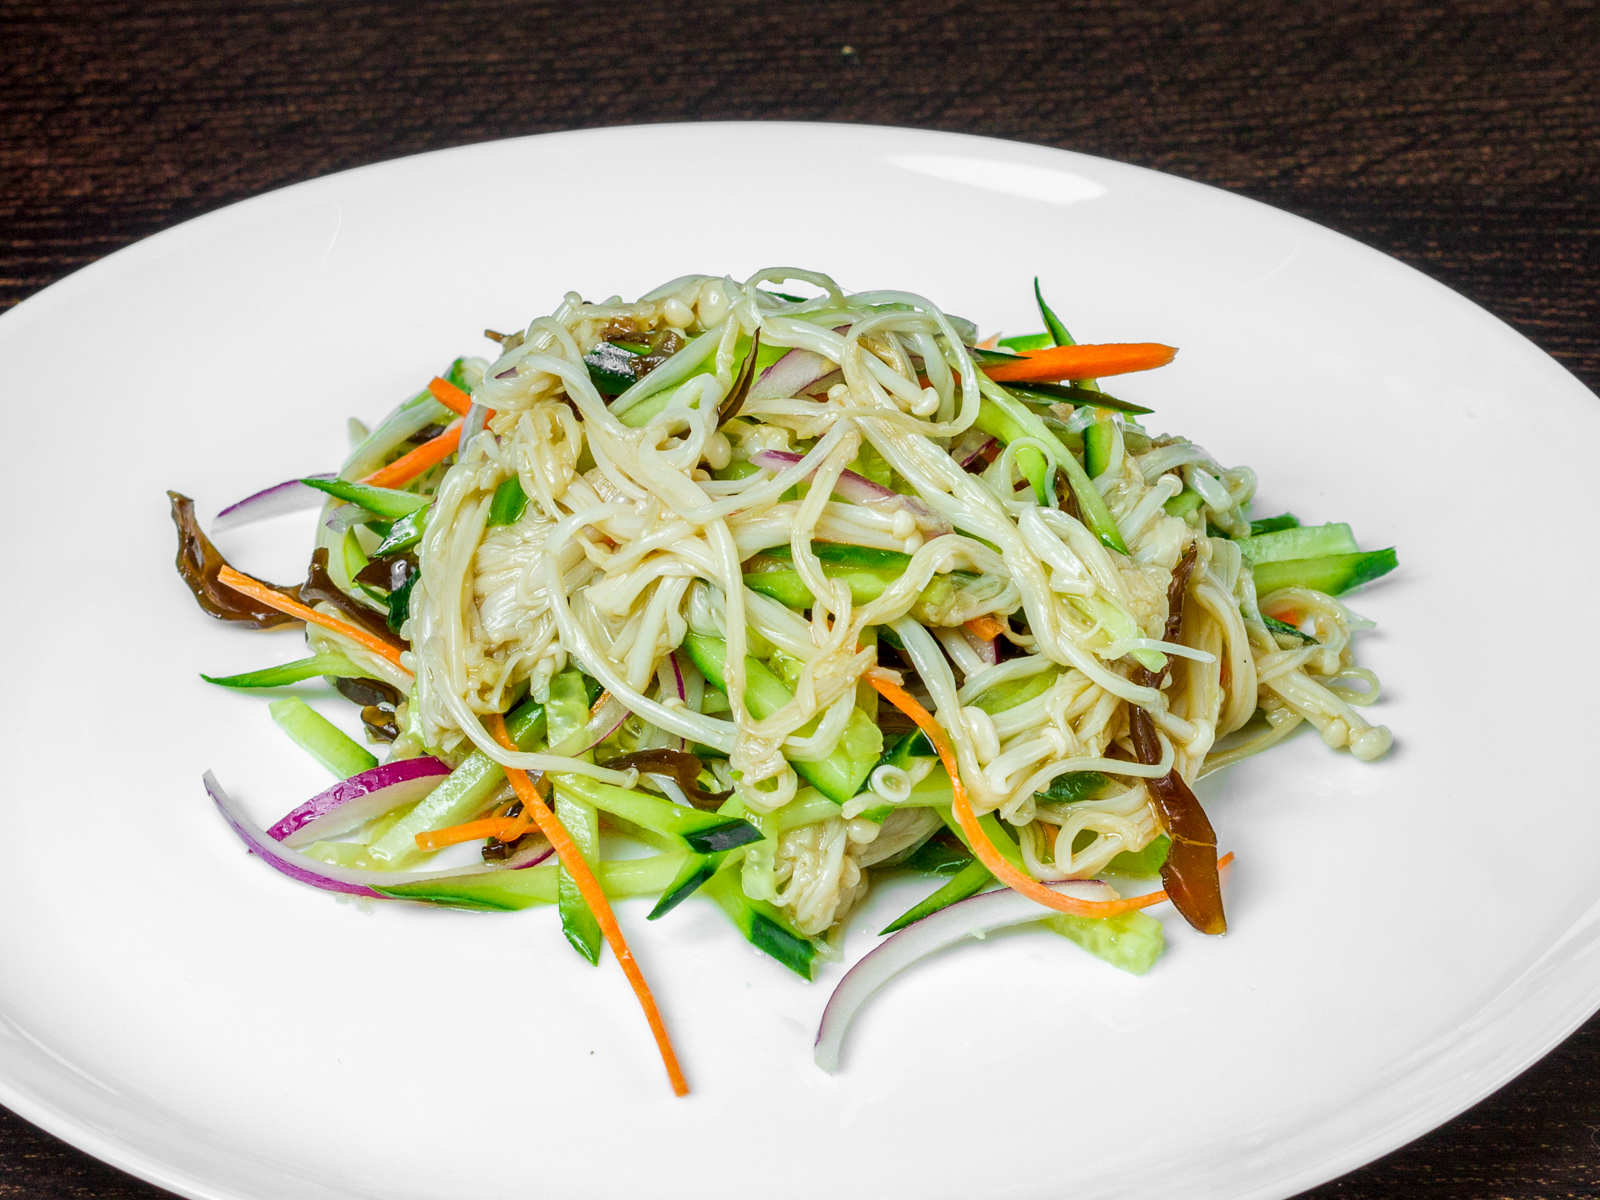 Салат с грибами Золотые нити и овощами